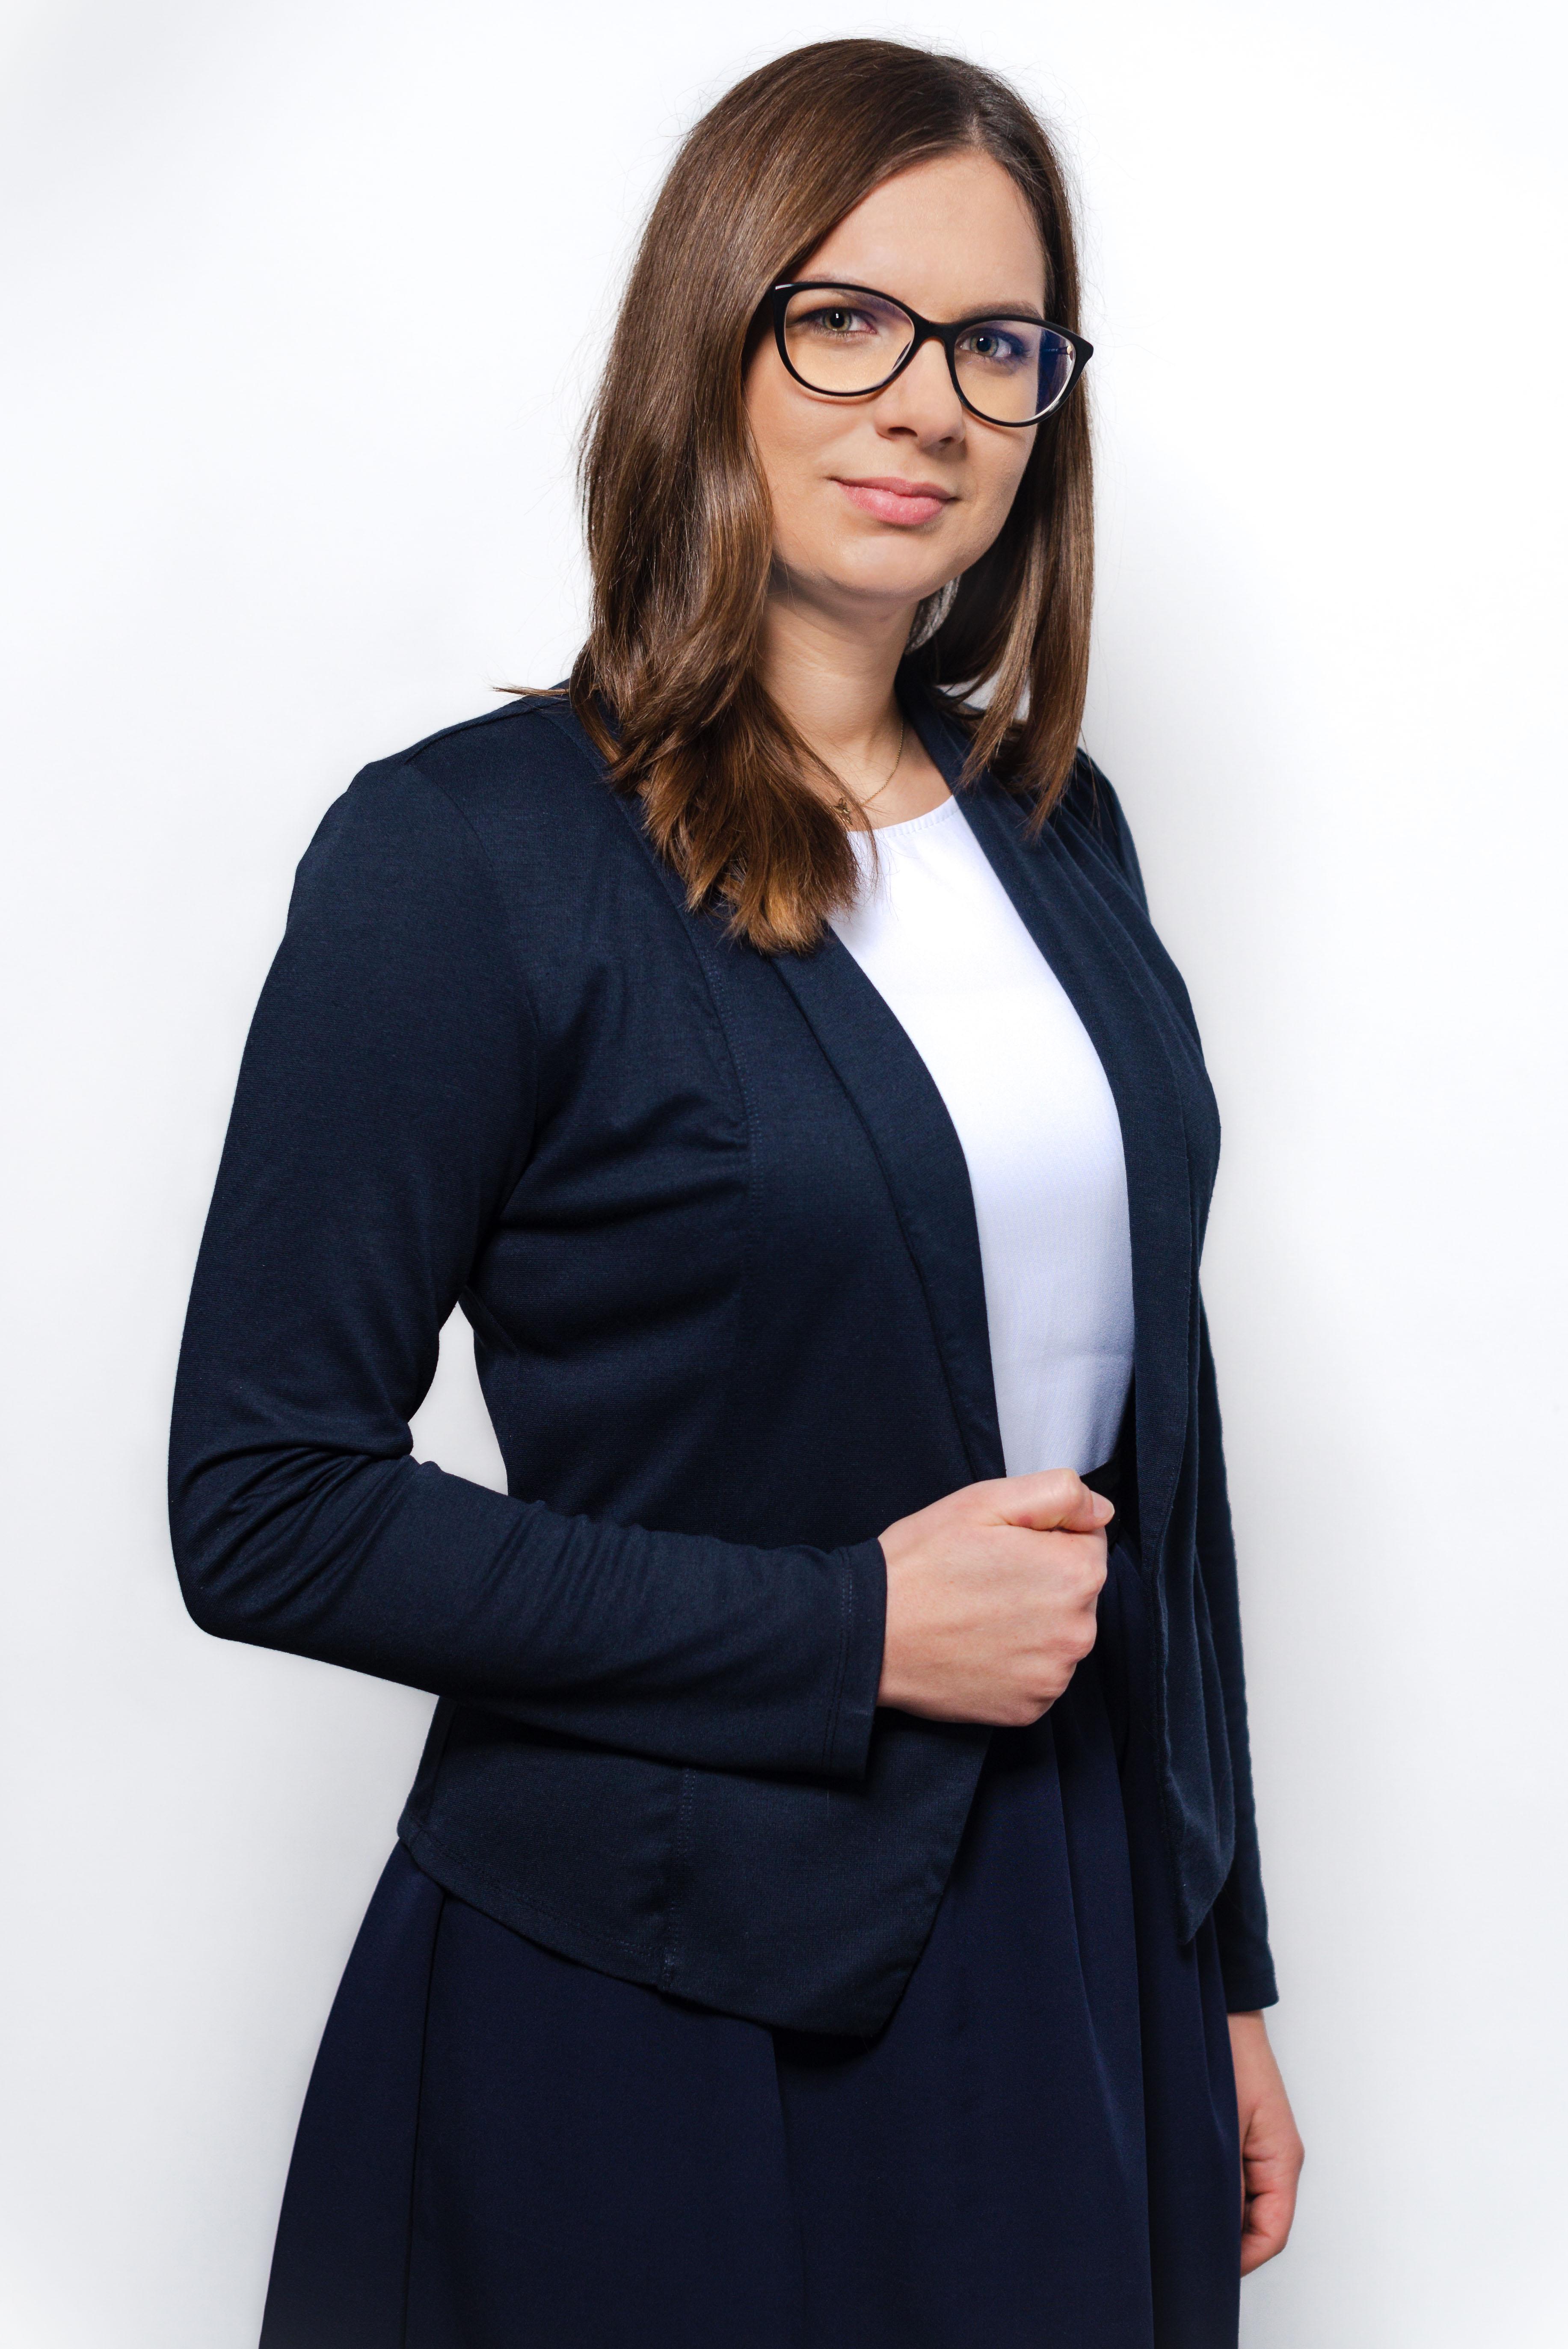 Agnieszka Dobroń